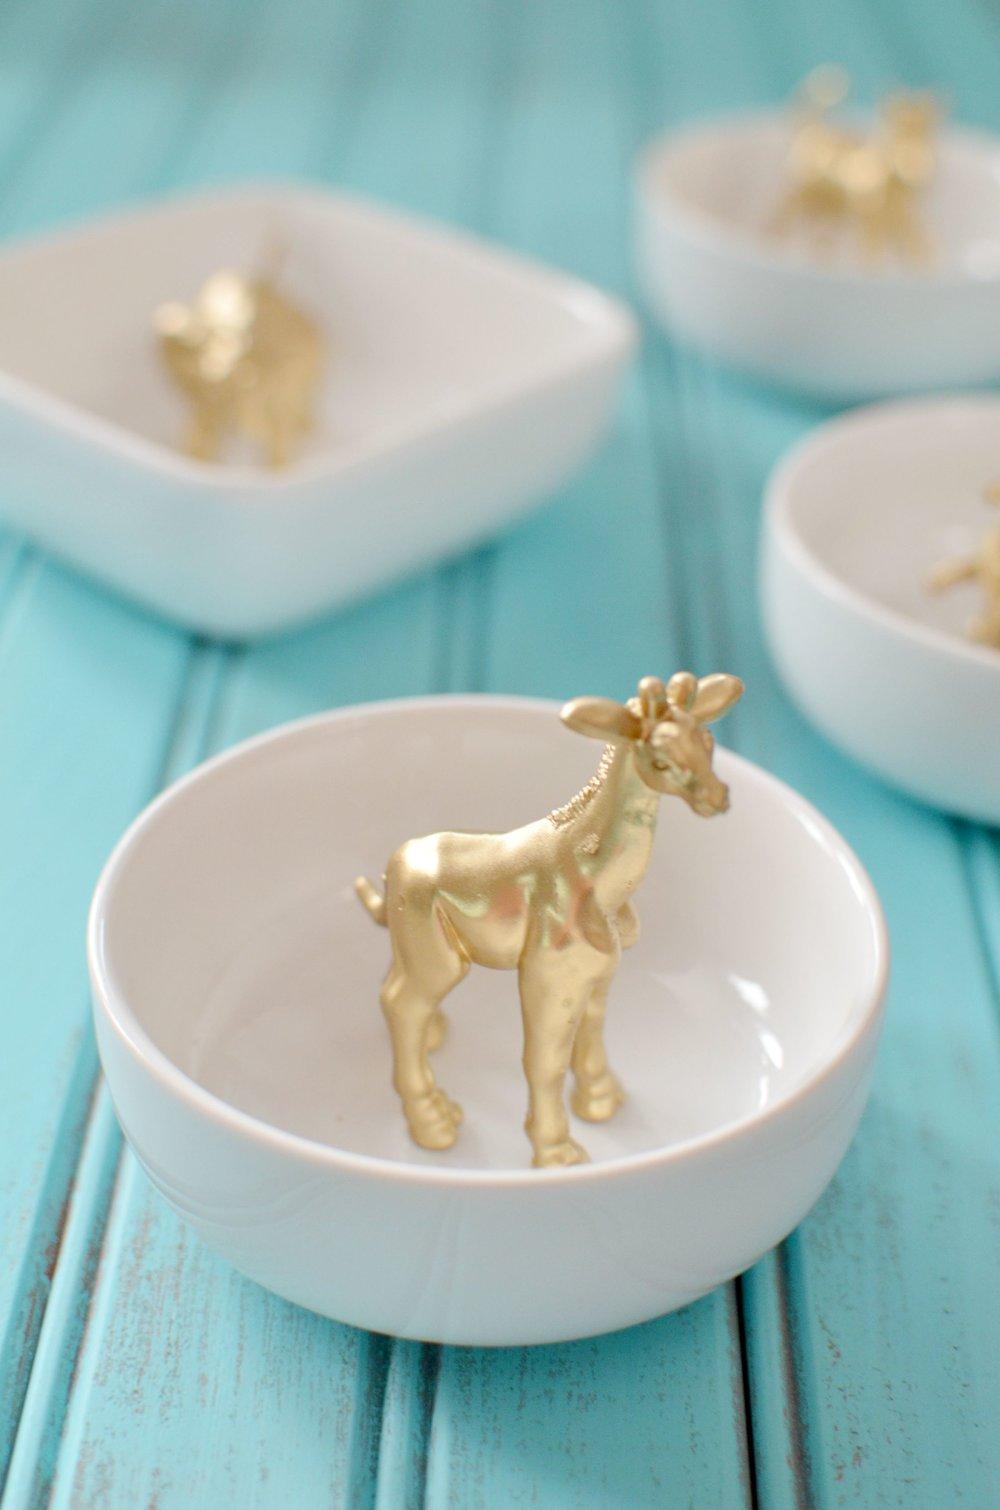 gold-giraffe-ring-dish.jpg